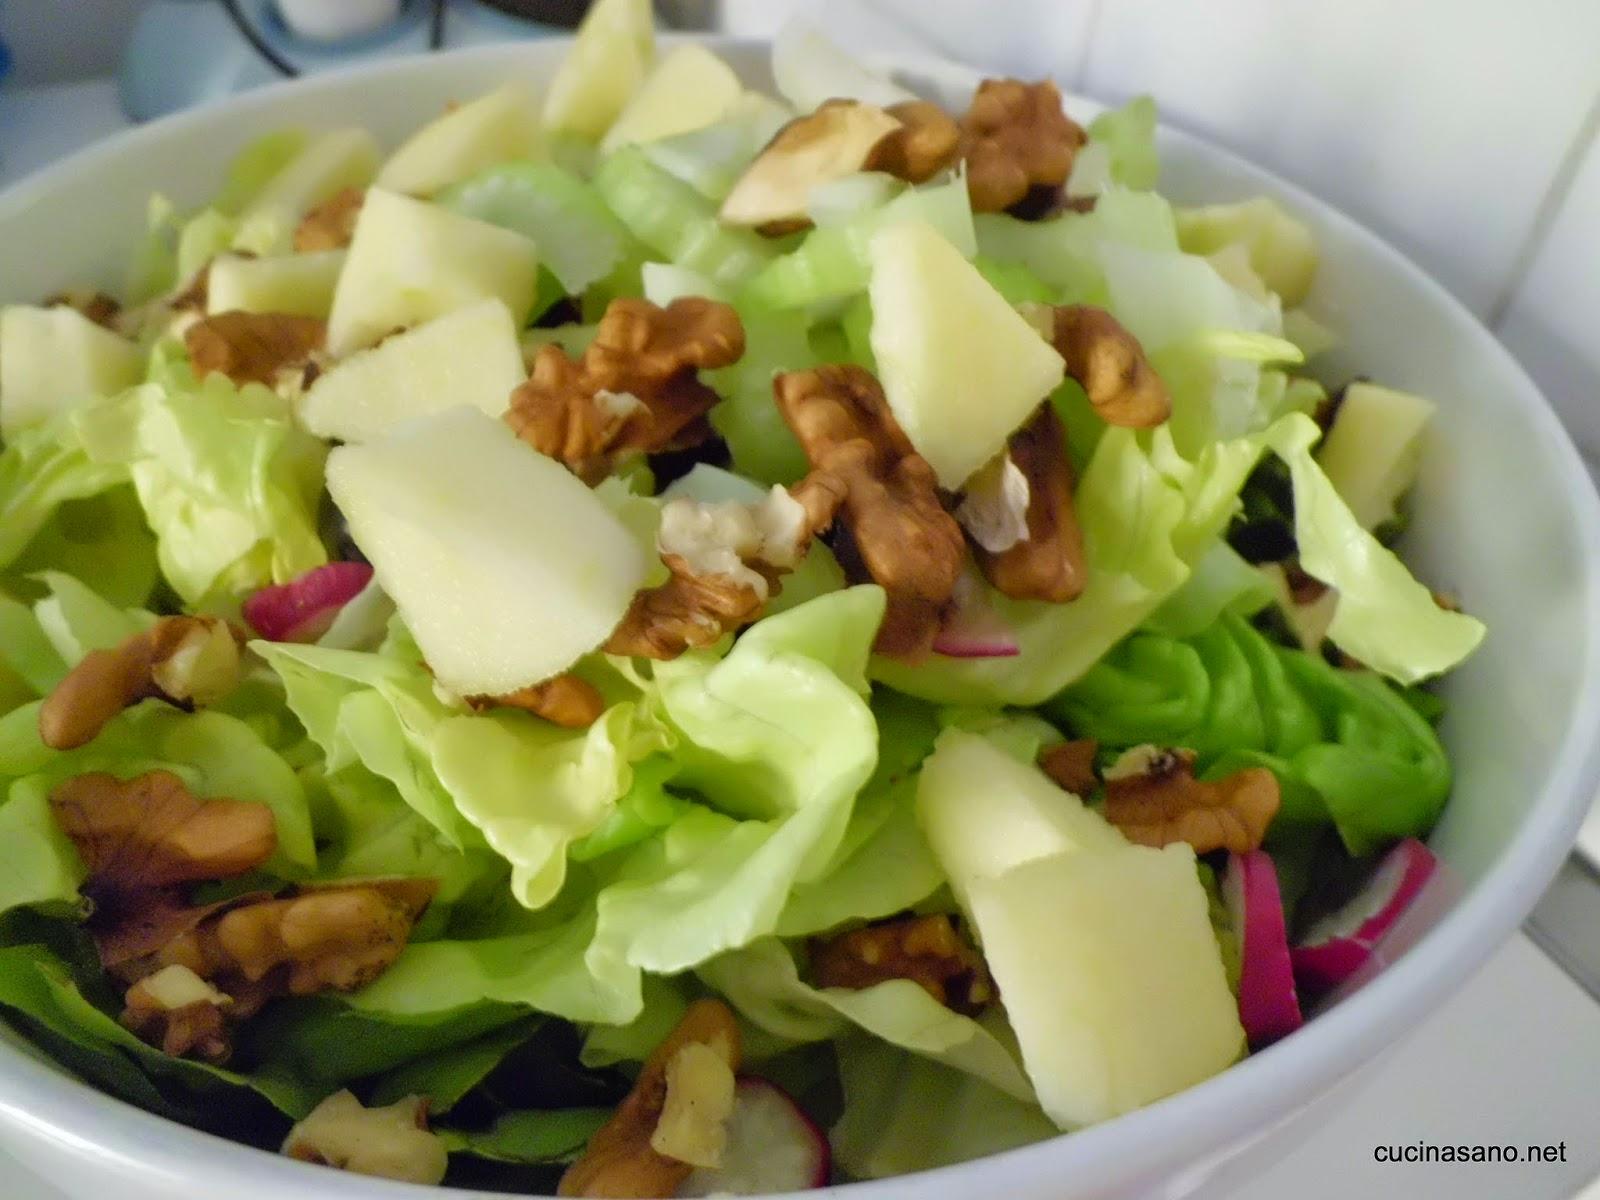 Ricette e salute insalata invernale mele e noci for Insalate ricette